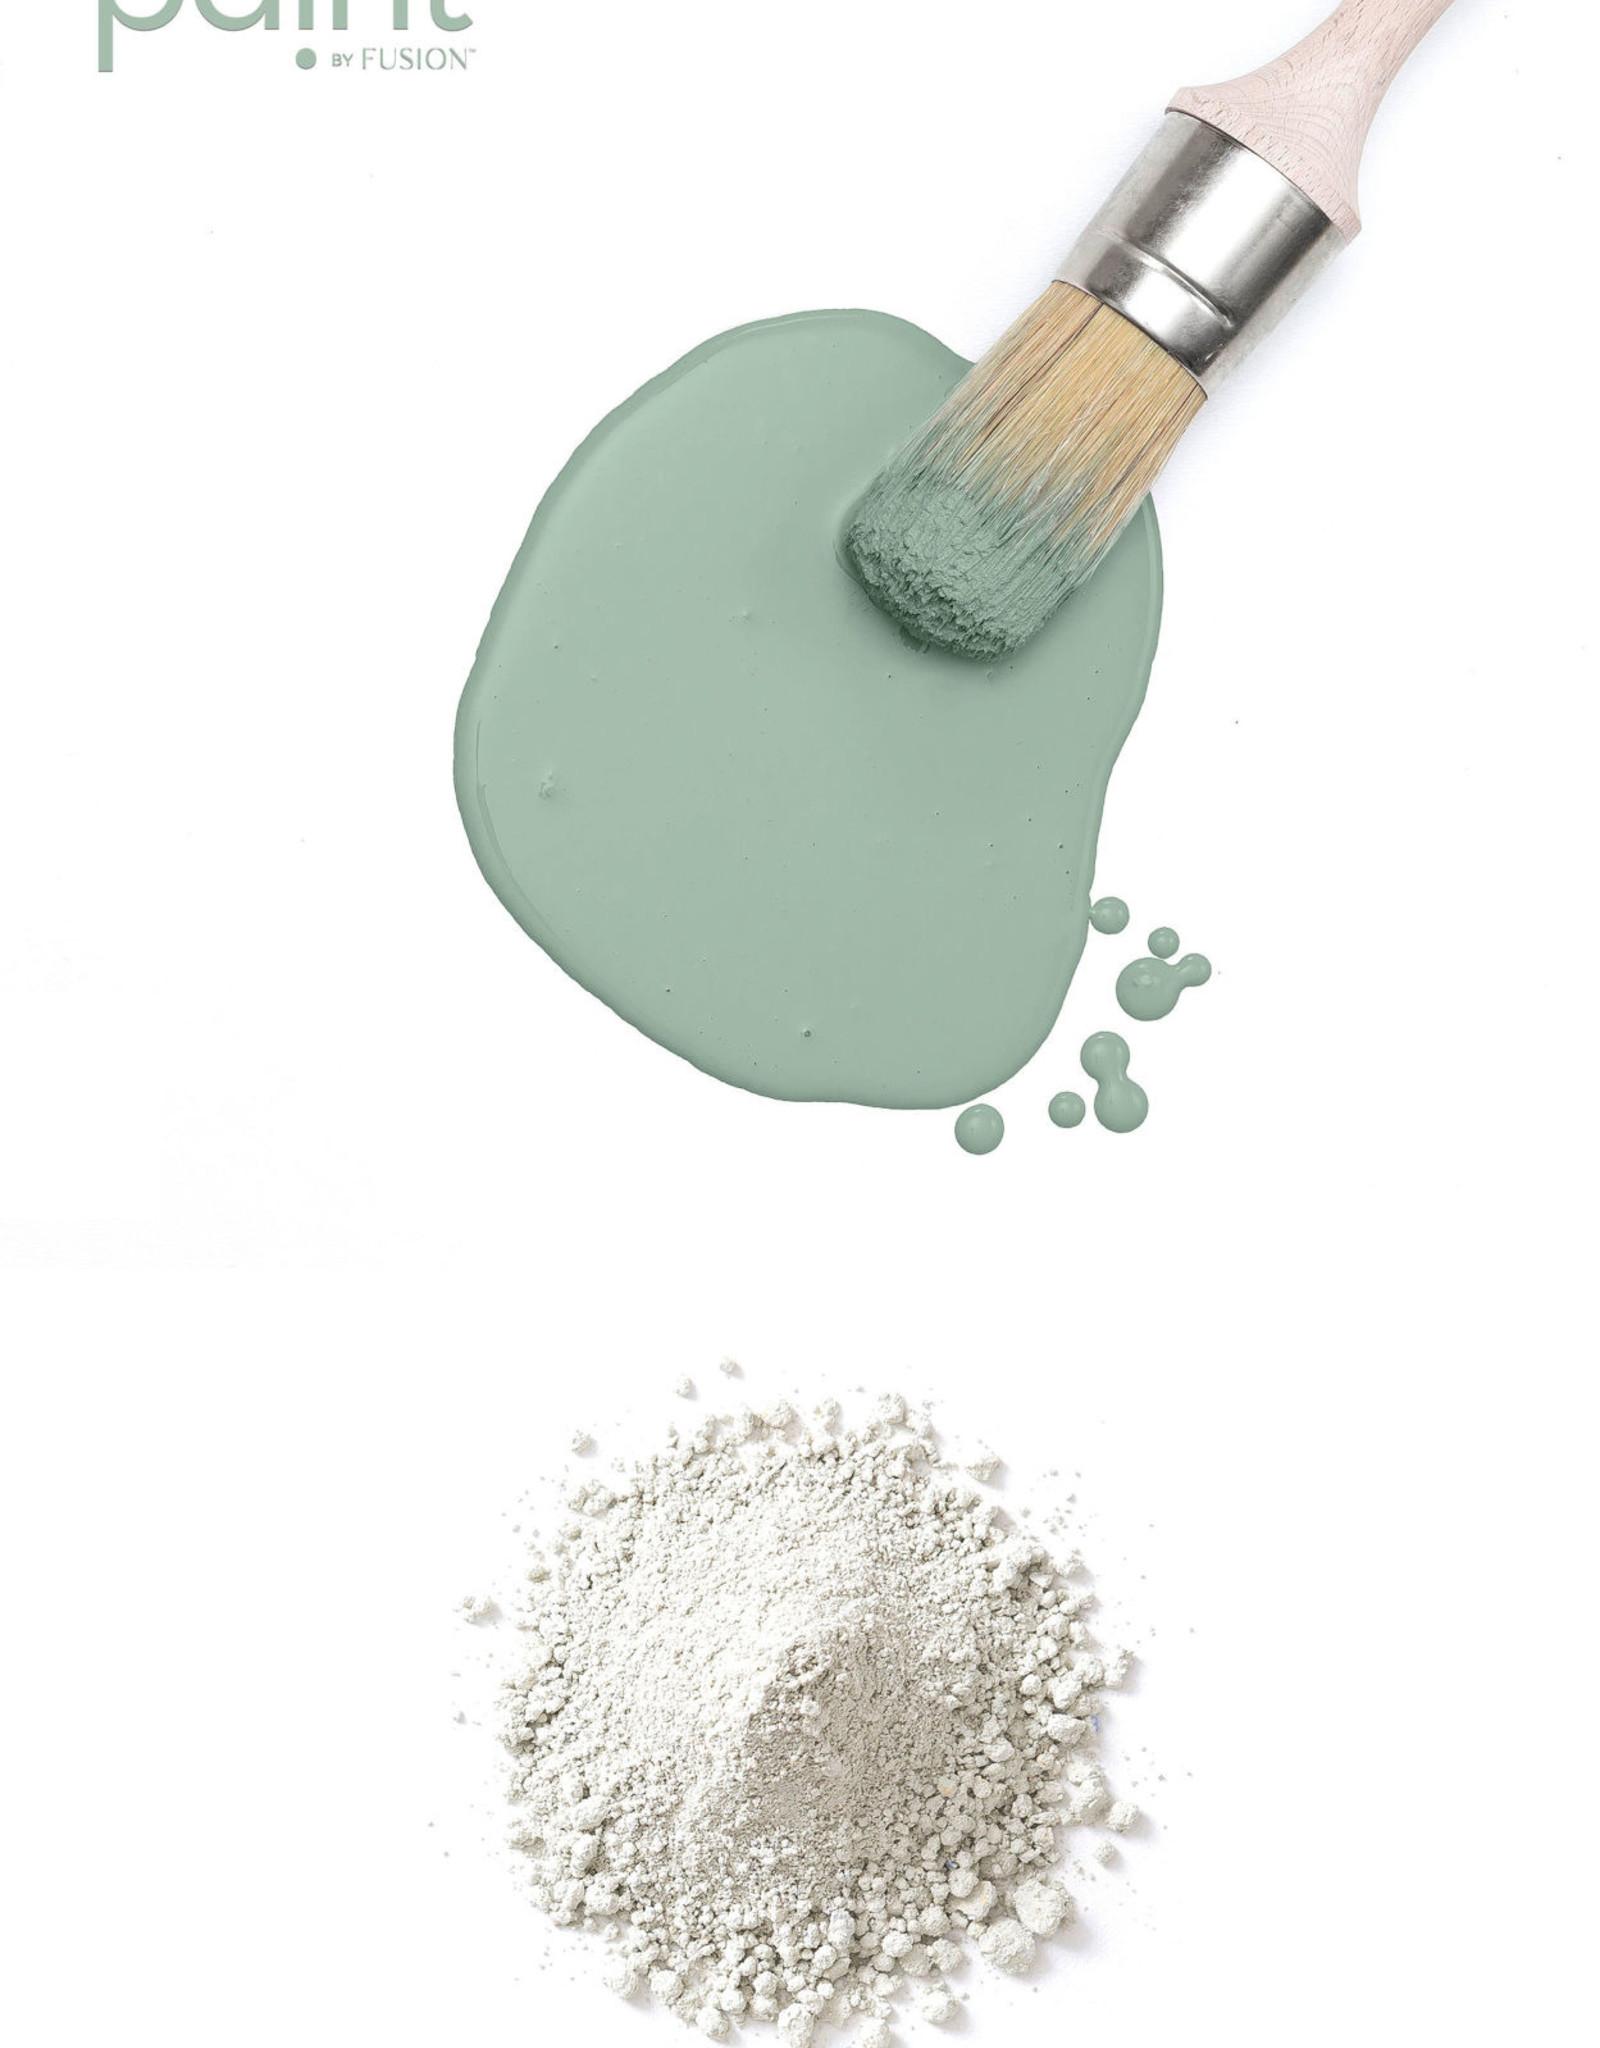 Fusion Mineral Paint Milk Paint 330g Vintage Laurel